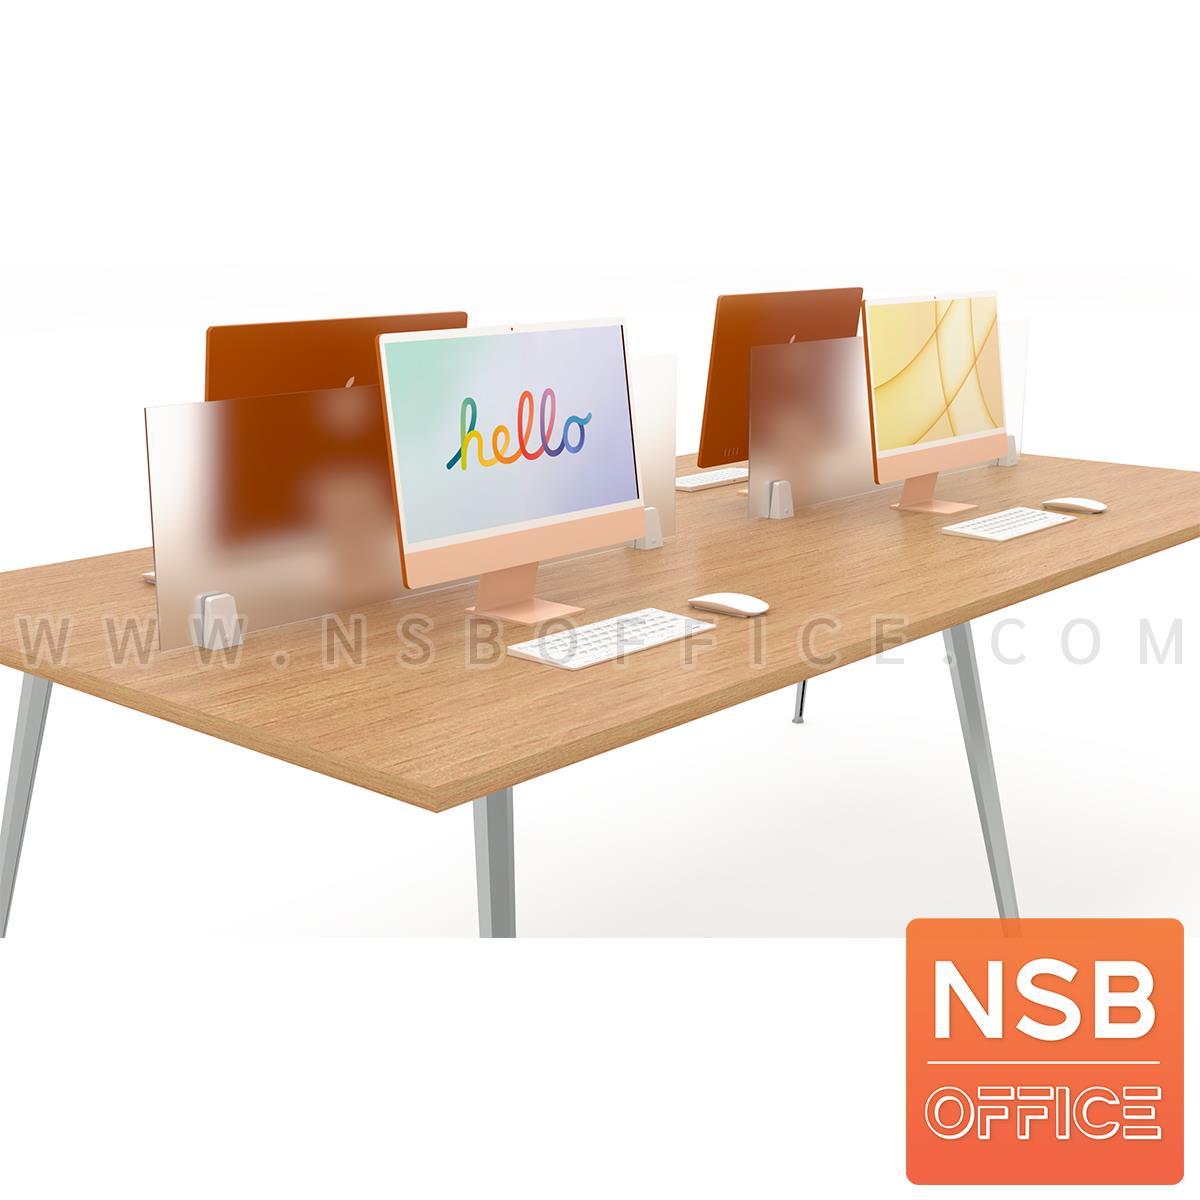 ชุดโต๊ะทำงานกลุ่ม 4 ที่นั่ง  รุ่น Bronze ll (บรอนซ์ 2) ขนาด 240W*120D cm.  พร้อมมินิสกรีนด้านหน้า ขาอลูมิเนียม